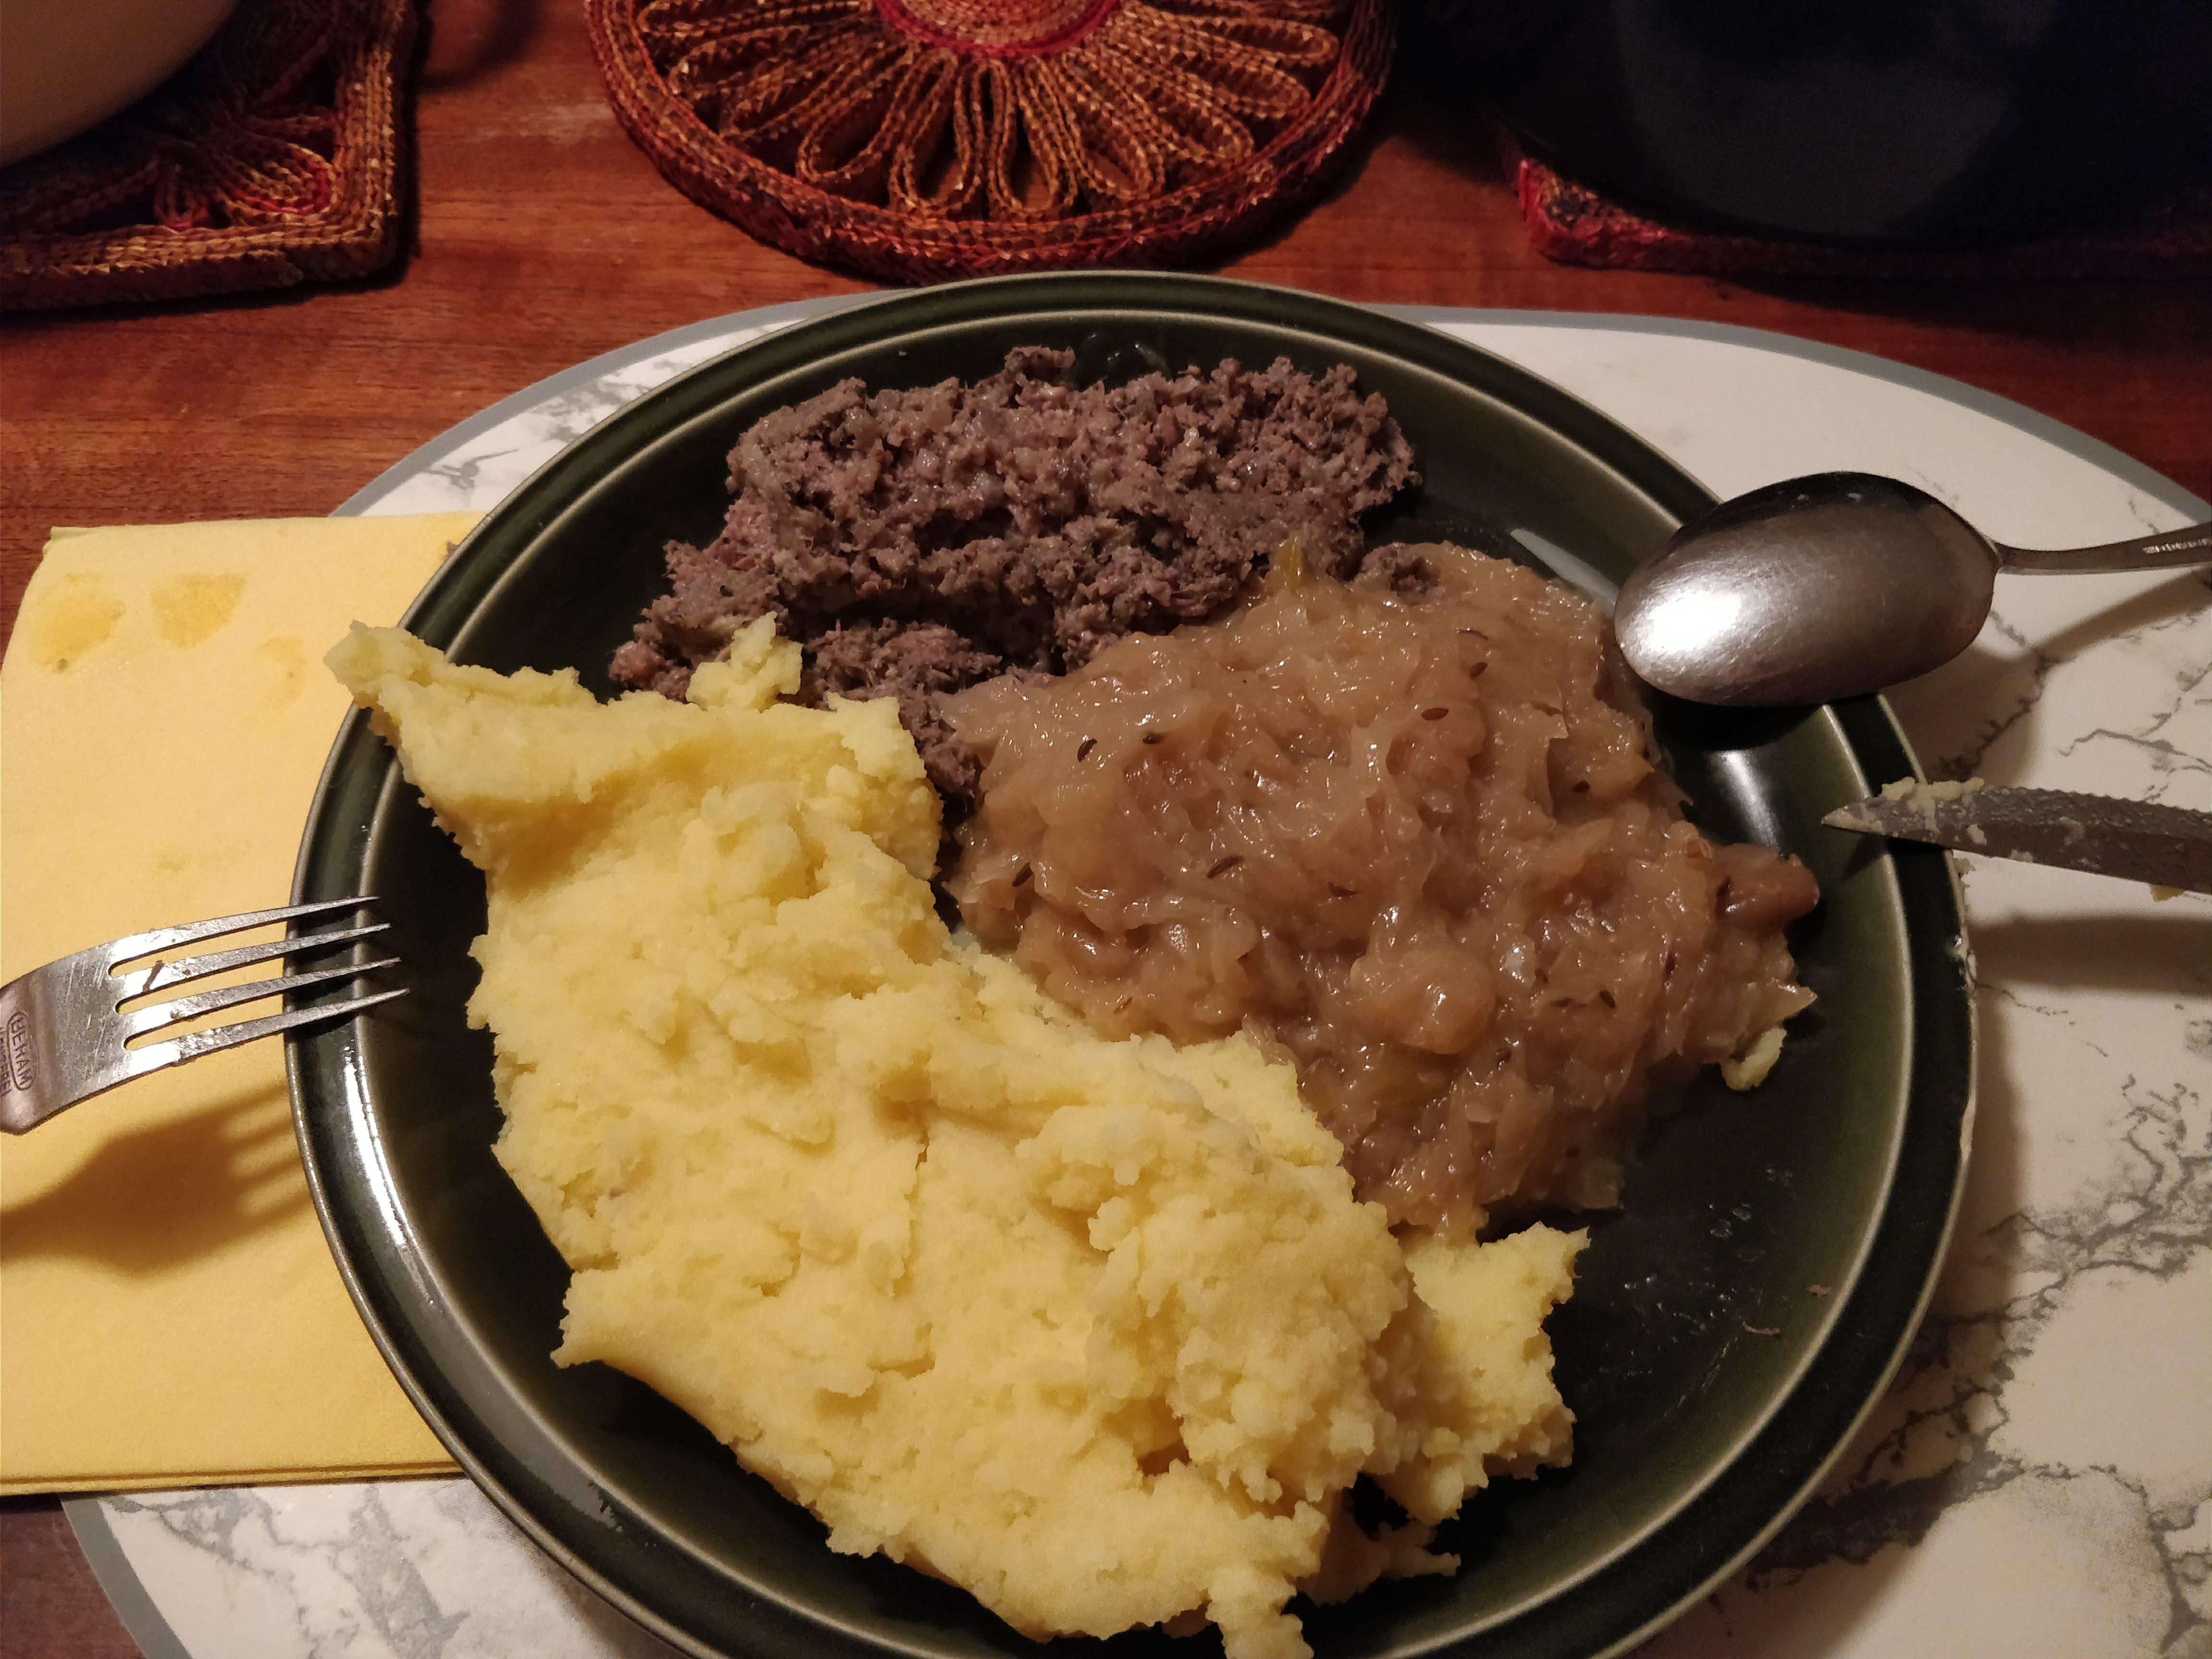 https://foodloader.net/nico_2018-01-31_leberwurst-sauerkraut-kartoffelbrei.jpg